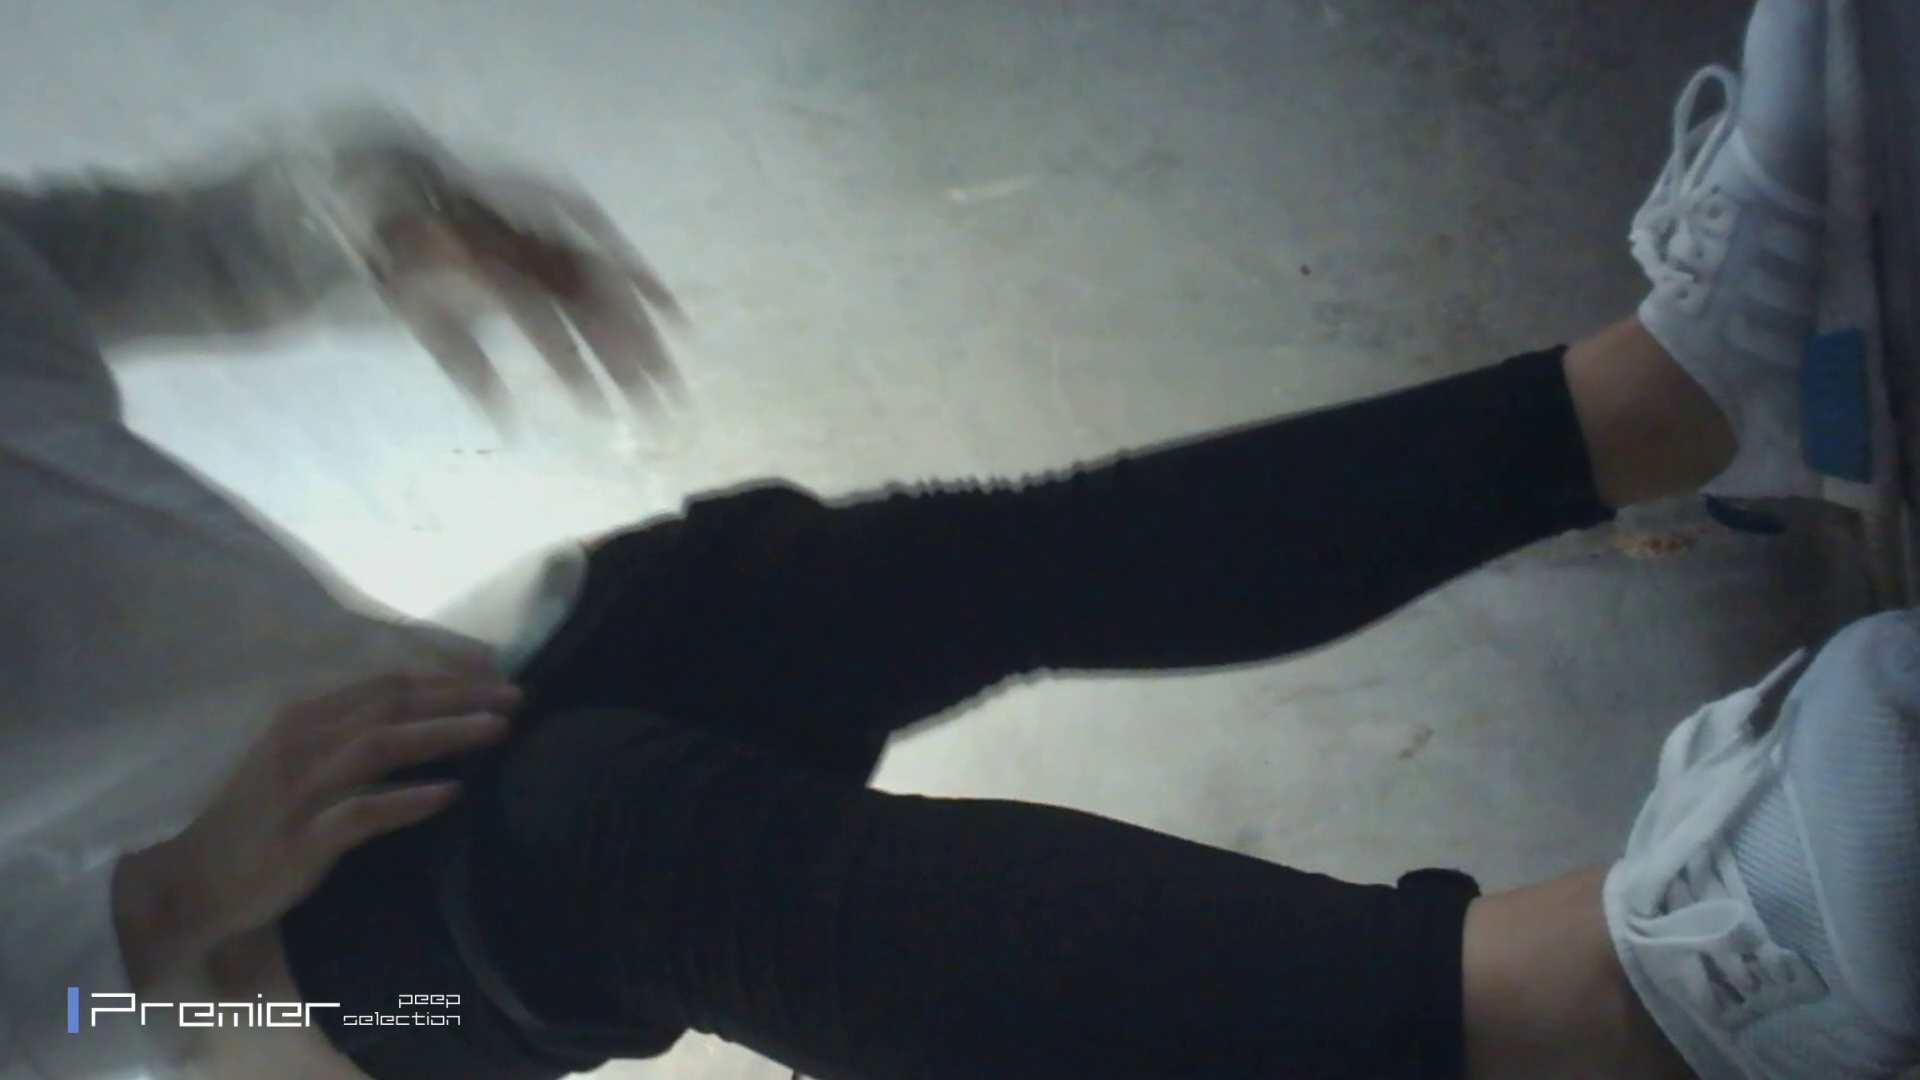 無修正エロ動画|おとなしそうな女の子 トイレシーンを密着盗撮!! 美女の痴態に密着!Vol.24|怪盗ジョーカー